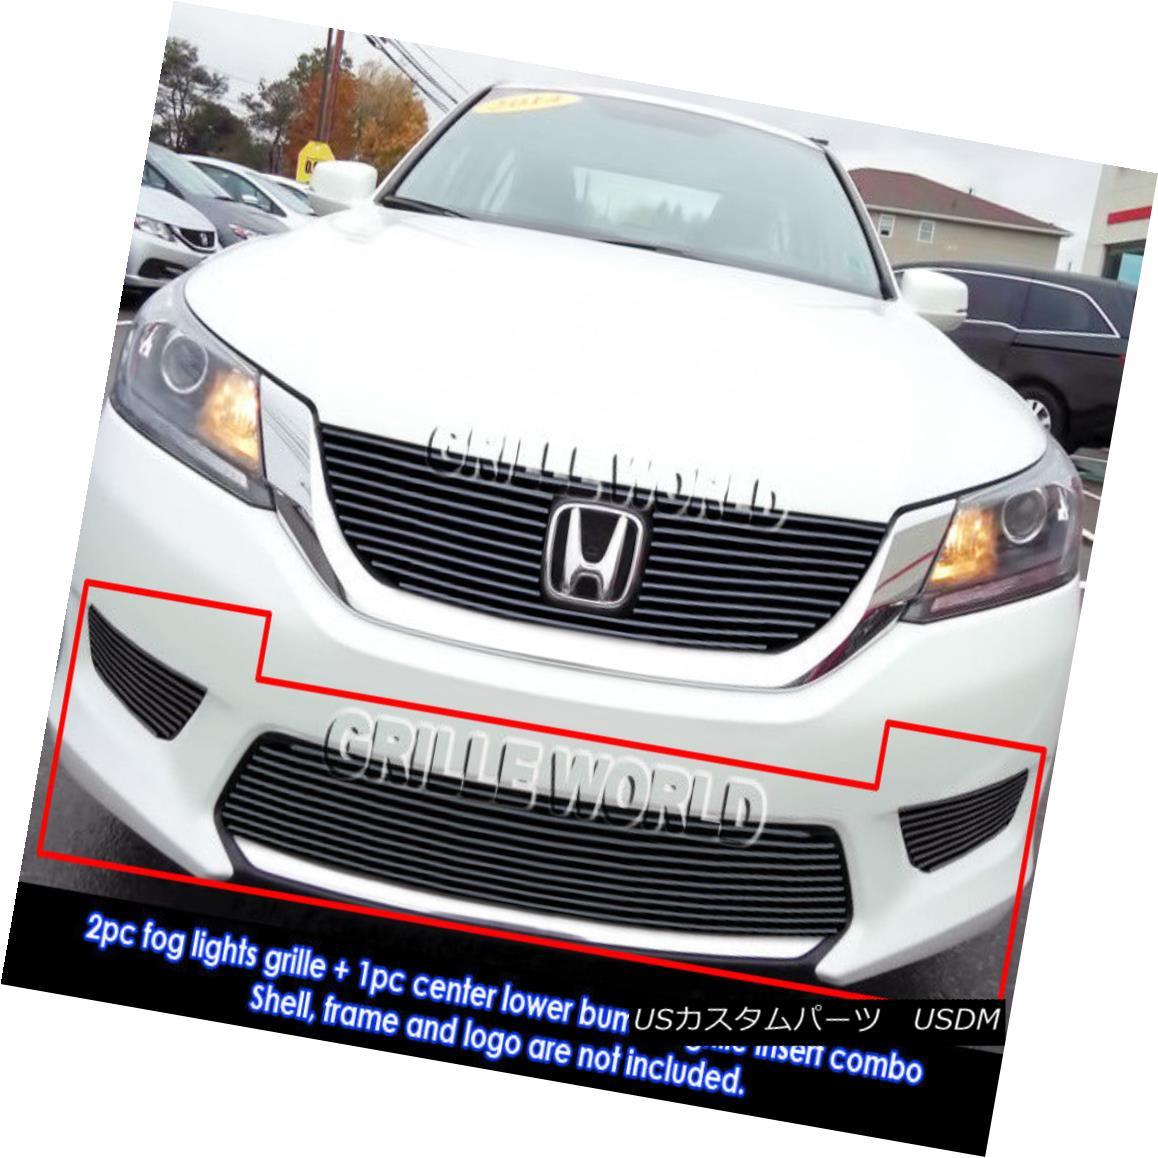 グリル For 2013-2015 Honda Accord Sedan Bumper & Light Cover Black Billet Grill Combo 2013年?2015年ホンダアコードセダンバンパー& ライトカバーブラックビレットグリルコンボ